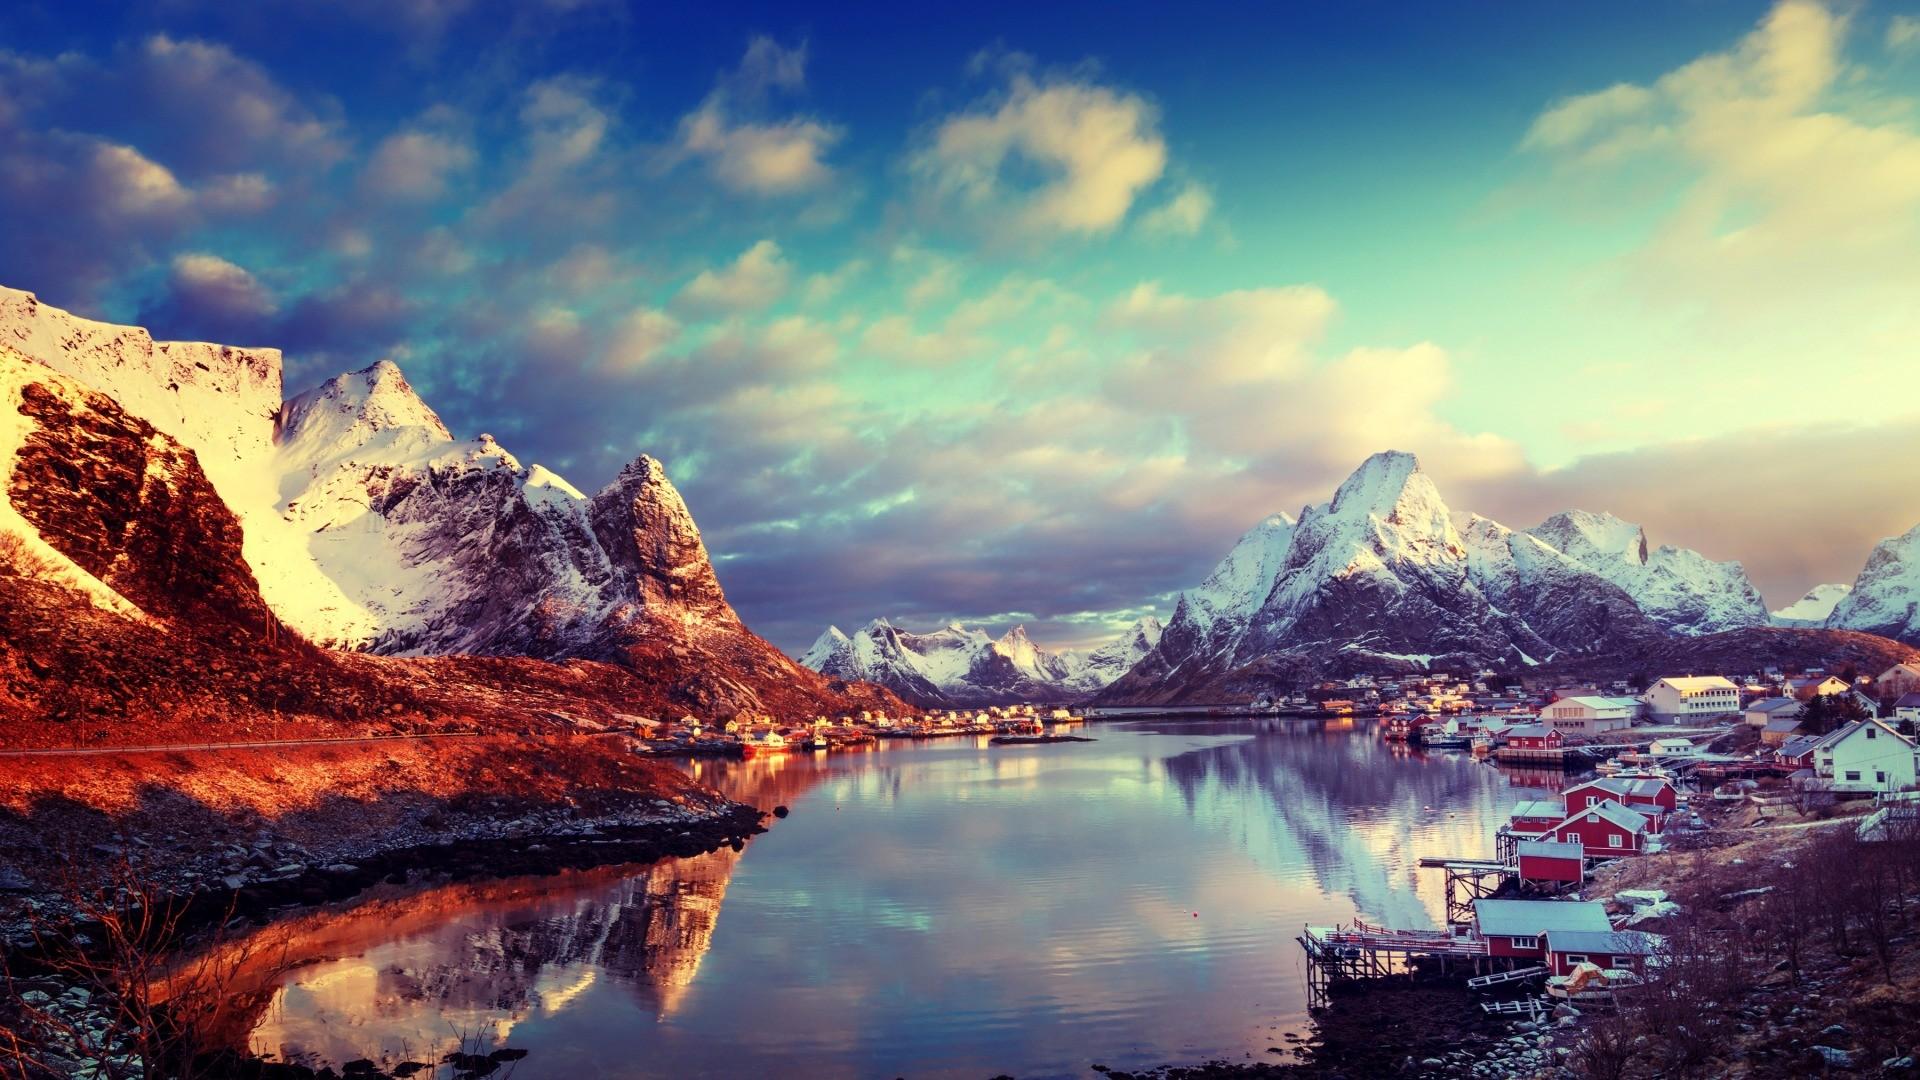 Hintergrundbilder  Natur Landschaft Wolken Berge See Lofoten Norwegen Schneebedeckten